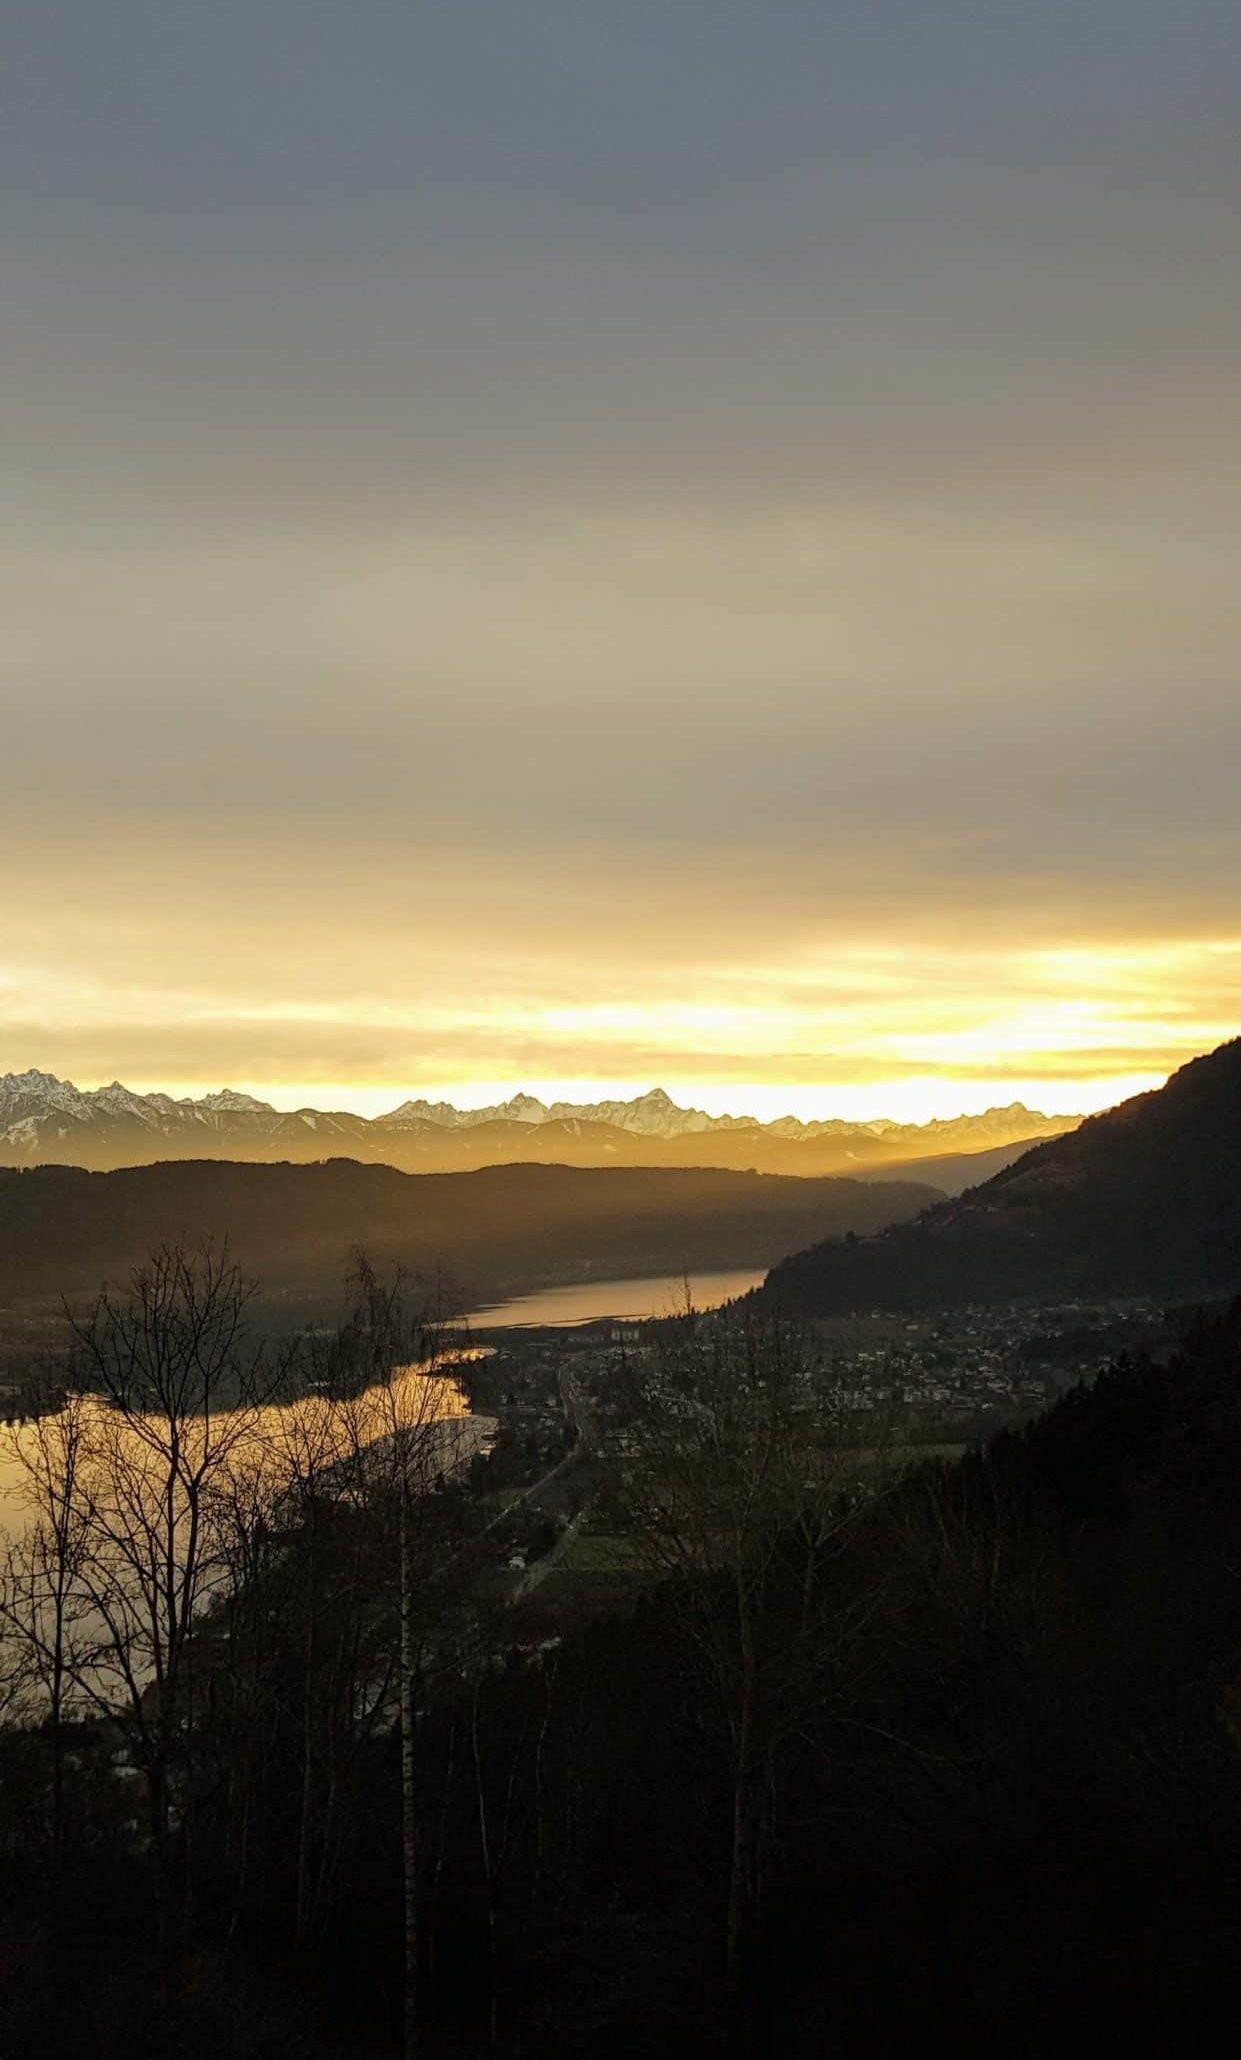 Panorama mit Sonnenuntergang am Wanderweg über den Ossiacher See und Steindorf in der Region Villach in Kärnten, Österreich.